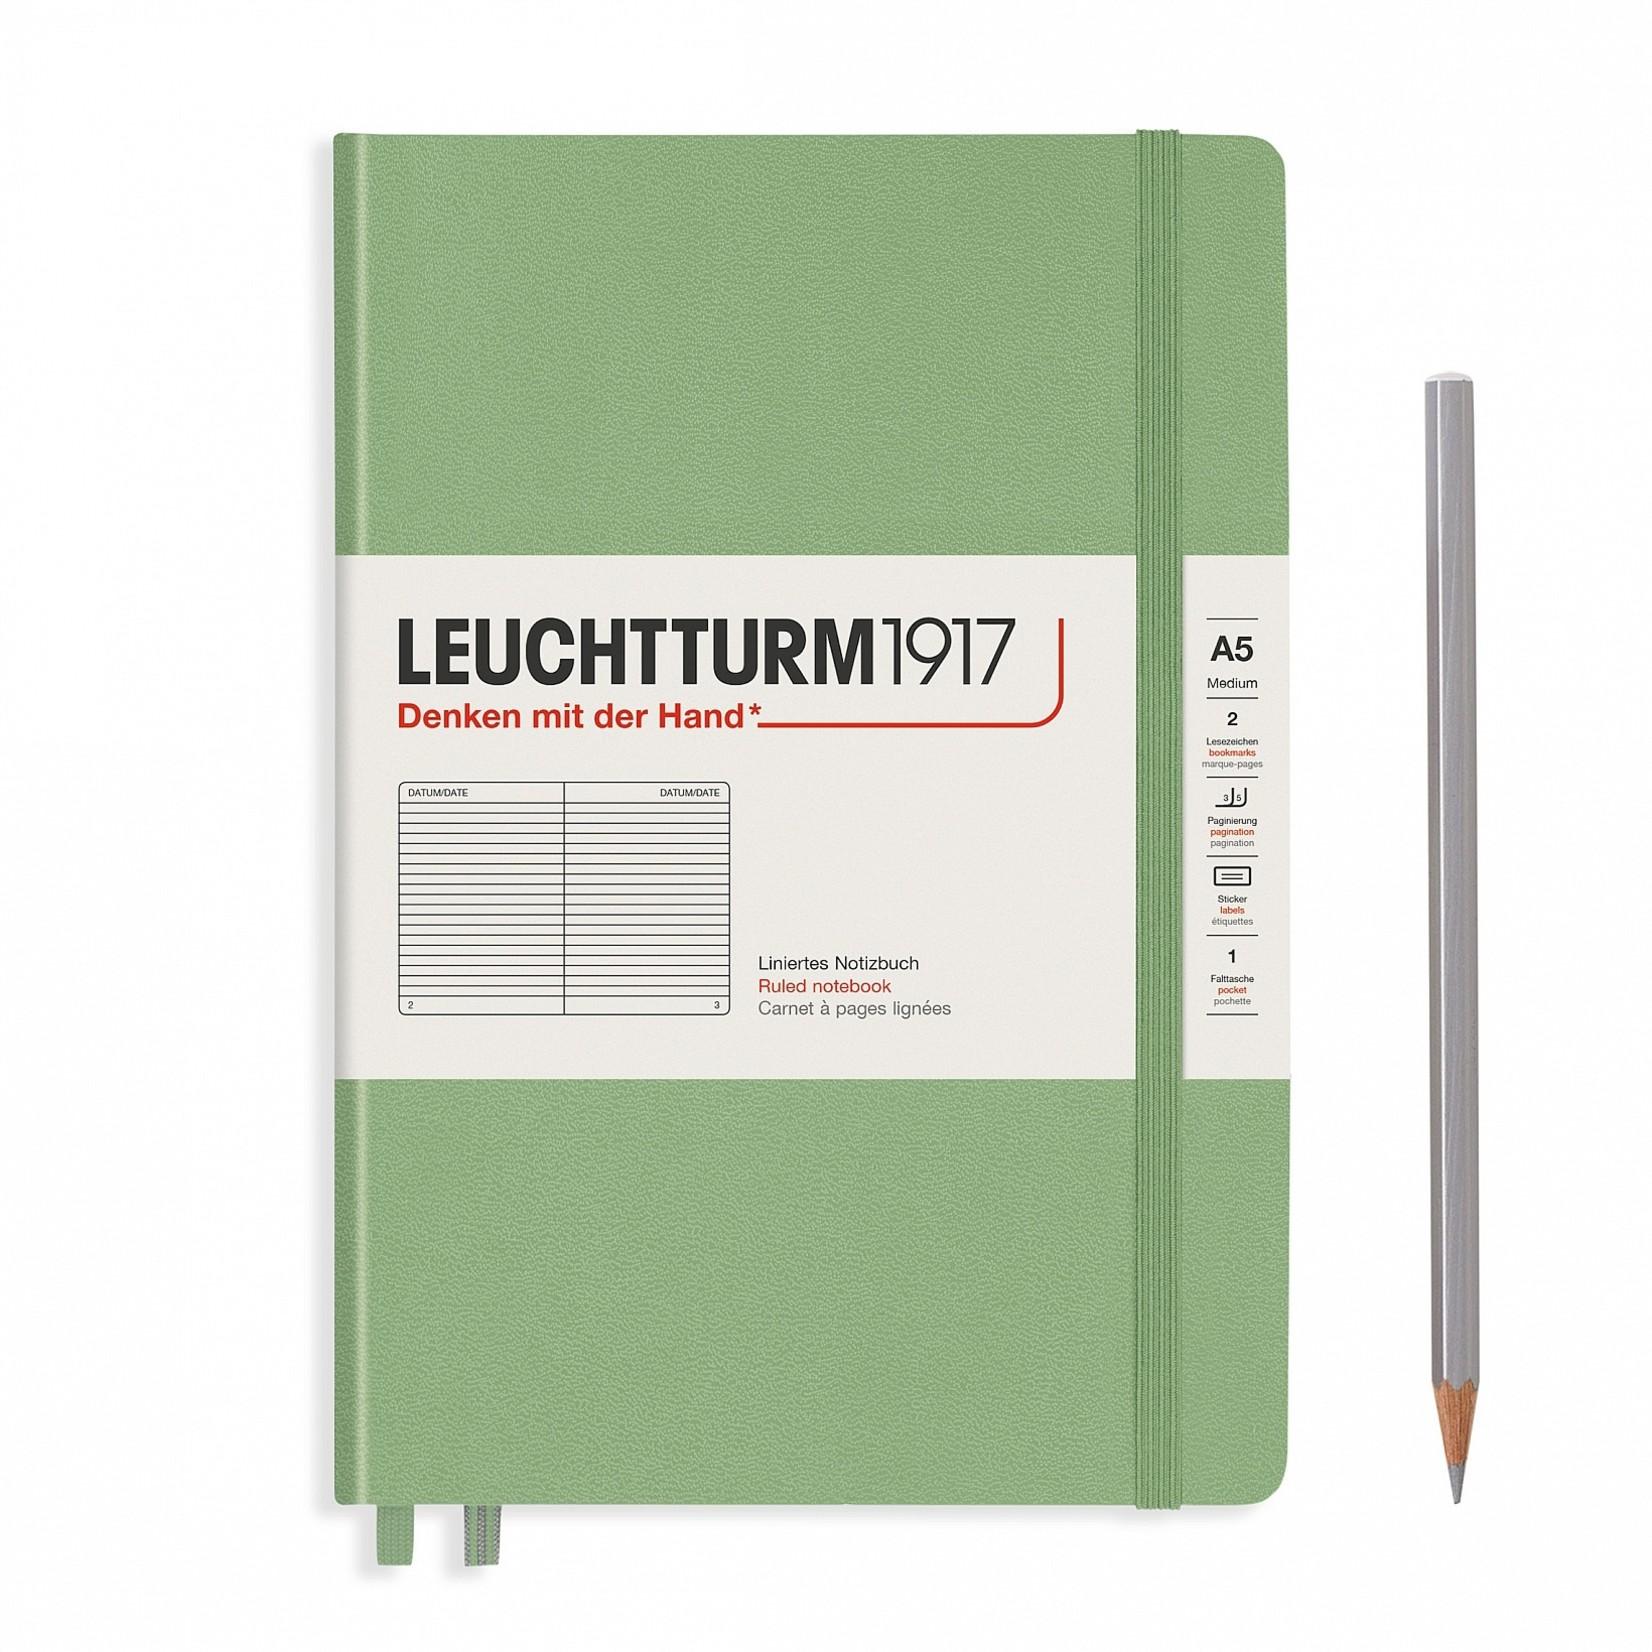 Leuchtturm1917 LT Notizbuch A5 MEDIUM HC Salbei dotted